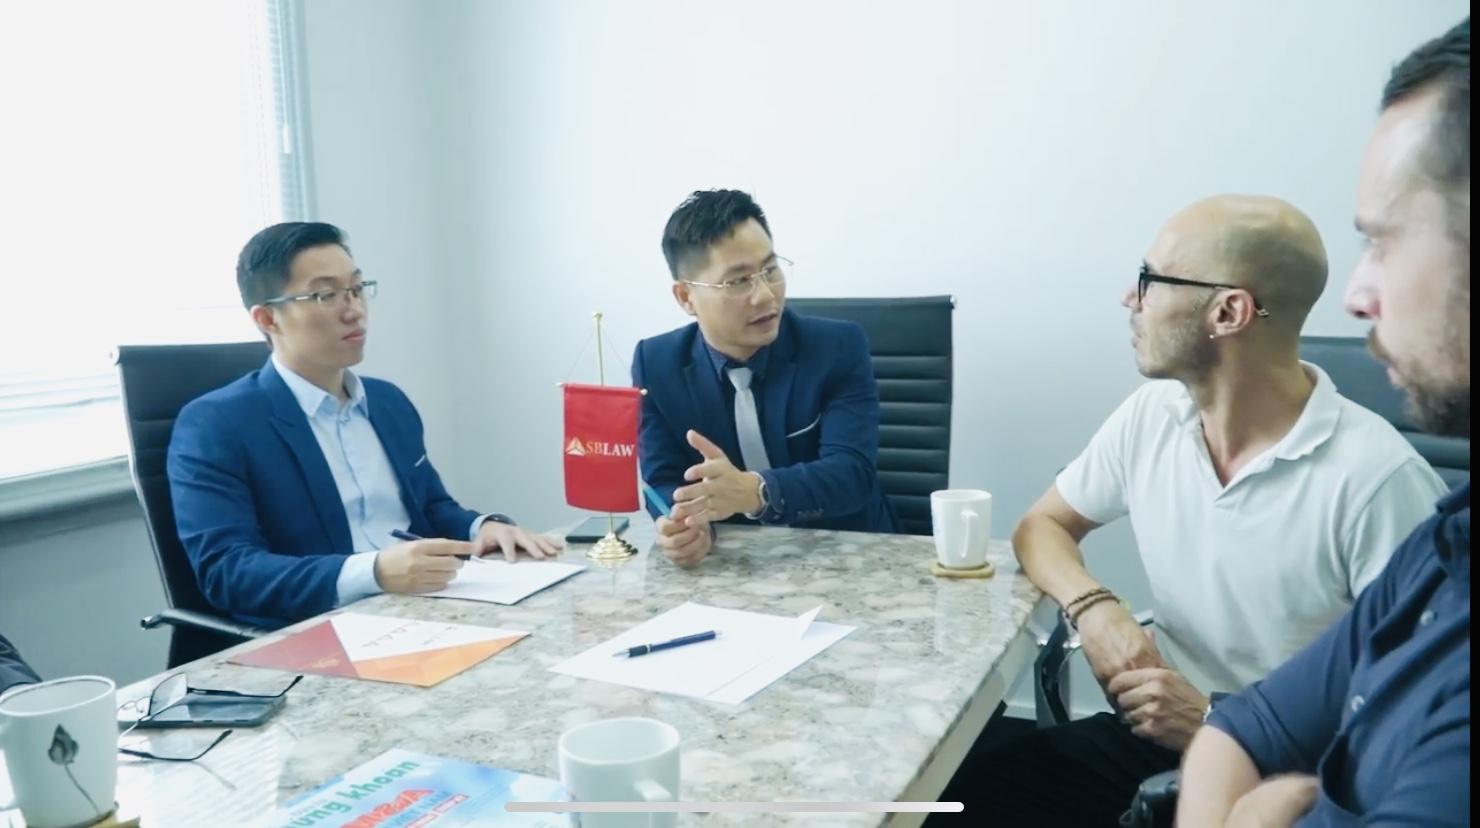 Người nước ngoài có thể mở tài khoản tại ngân hàng Việt Nam không?